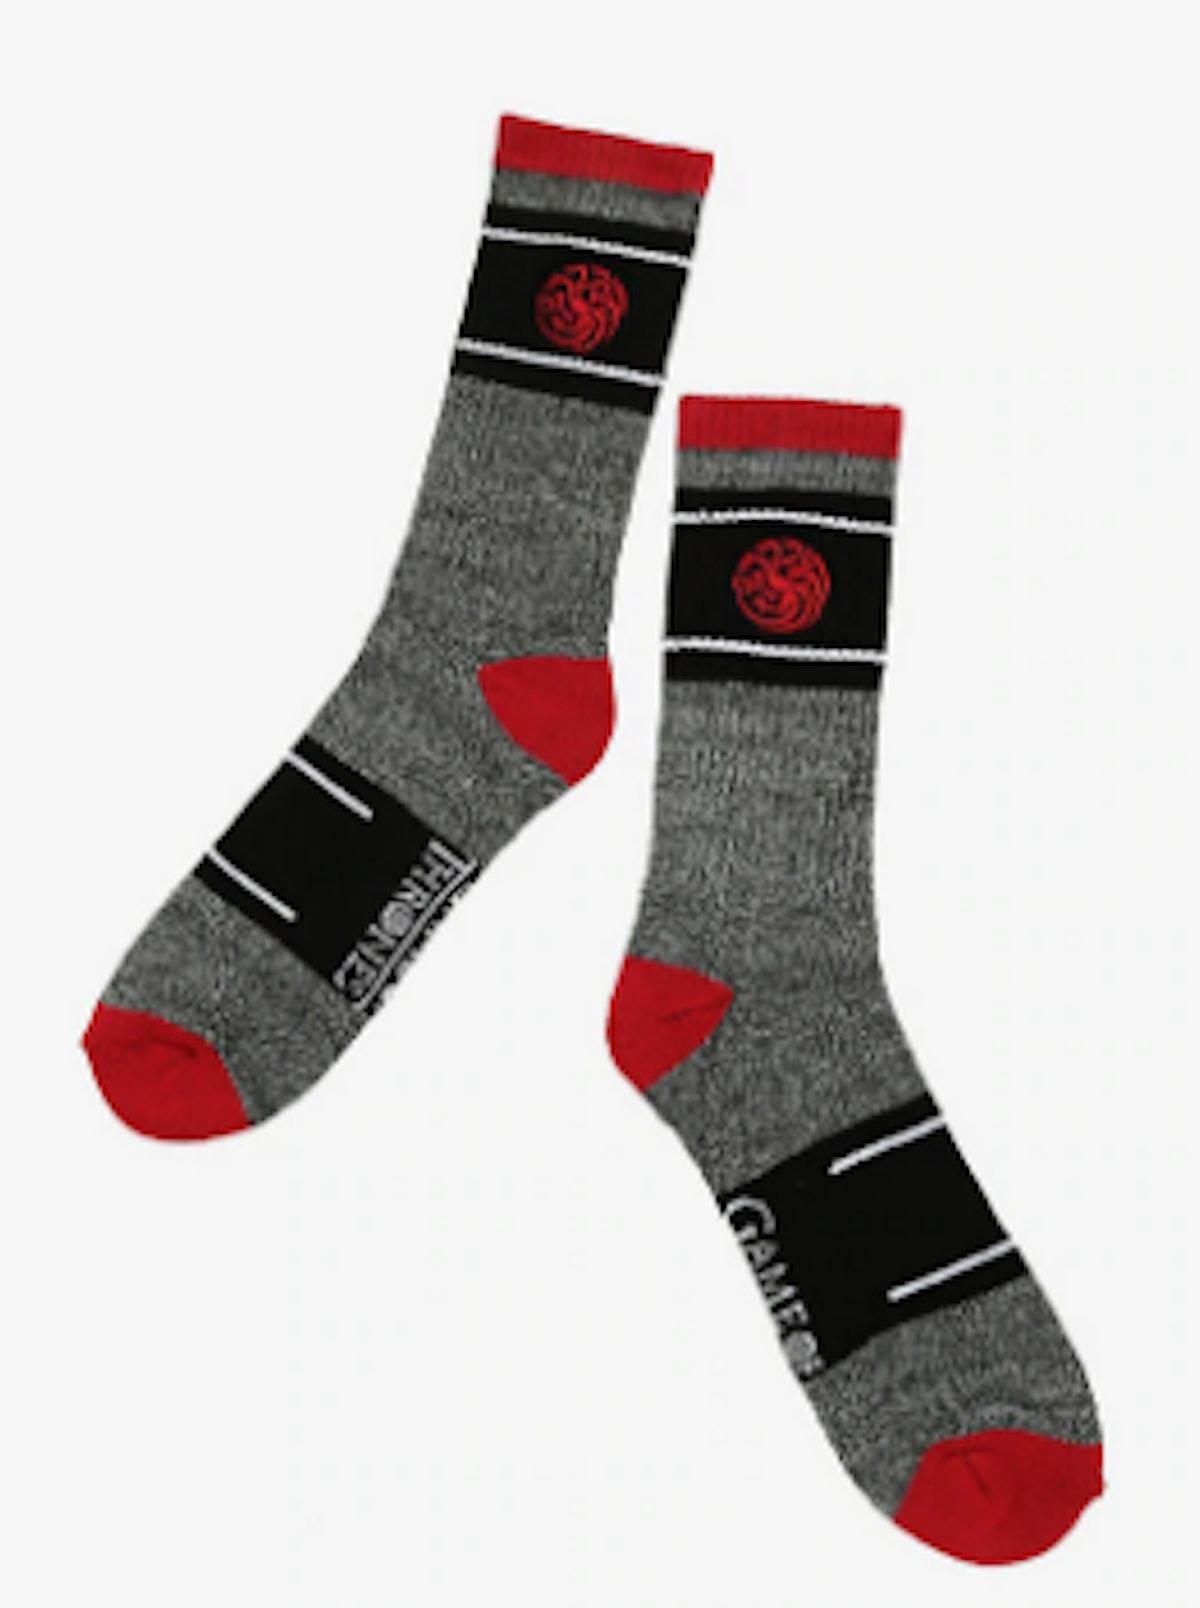 'Game Of Thrones' House Targaryen Embroidered Socks